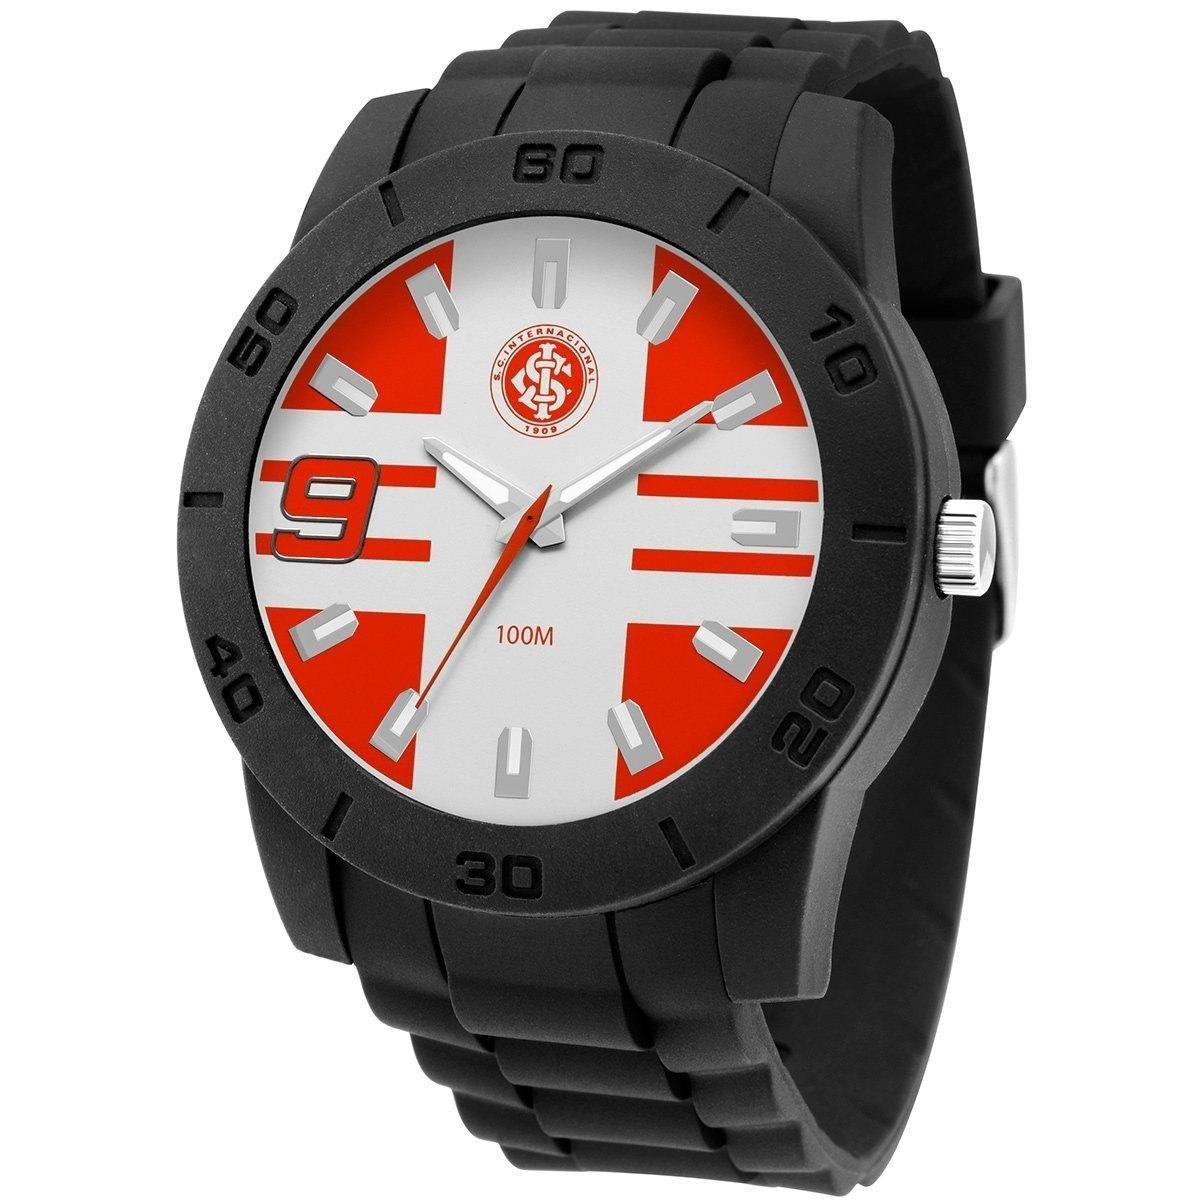 8c624a71882 Relógio Internacional Technos Analógico I - Compre Agora